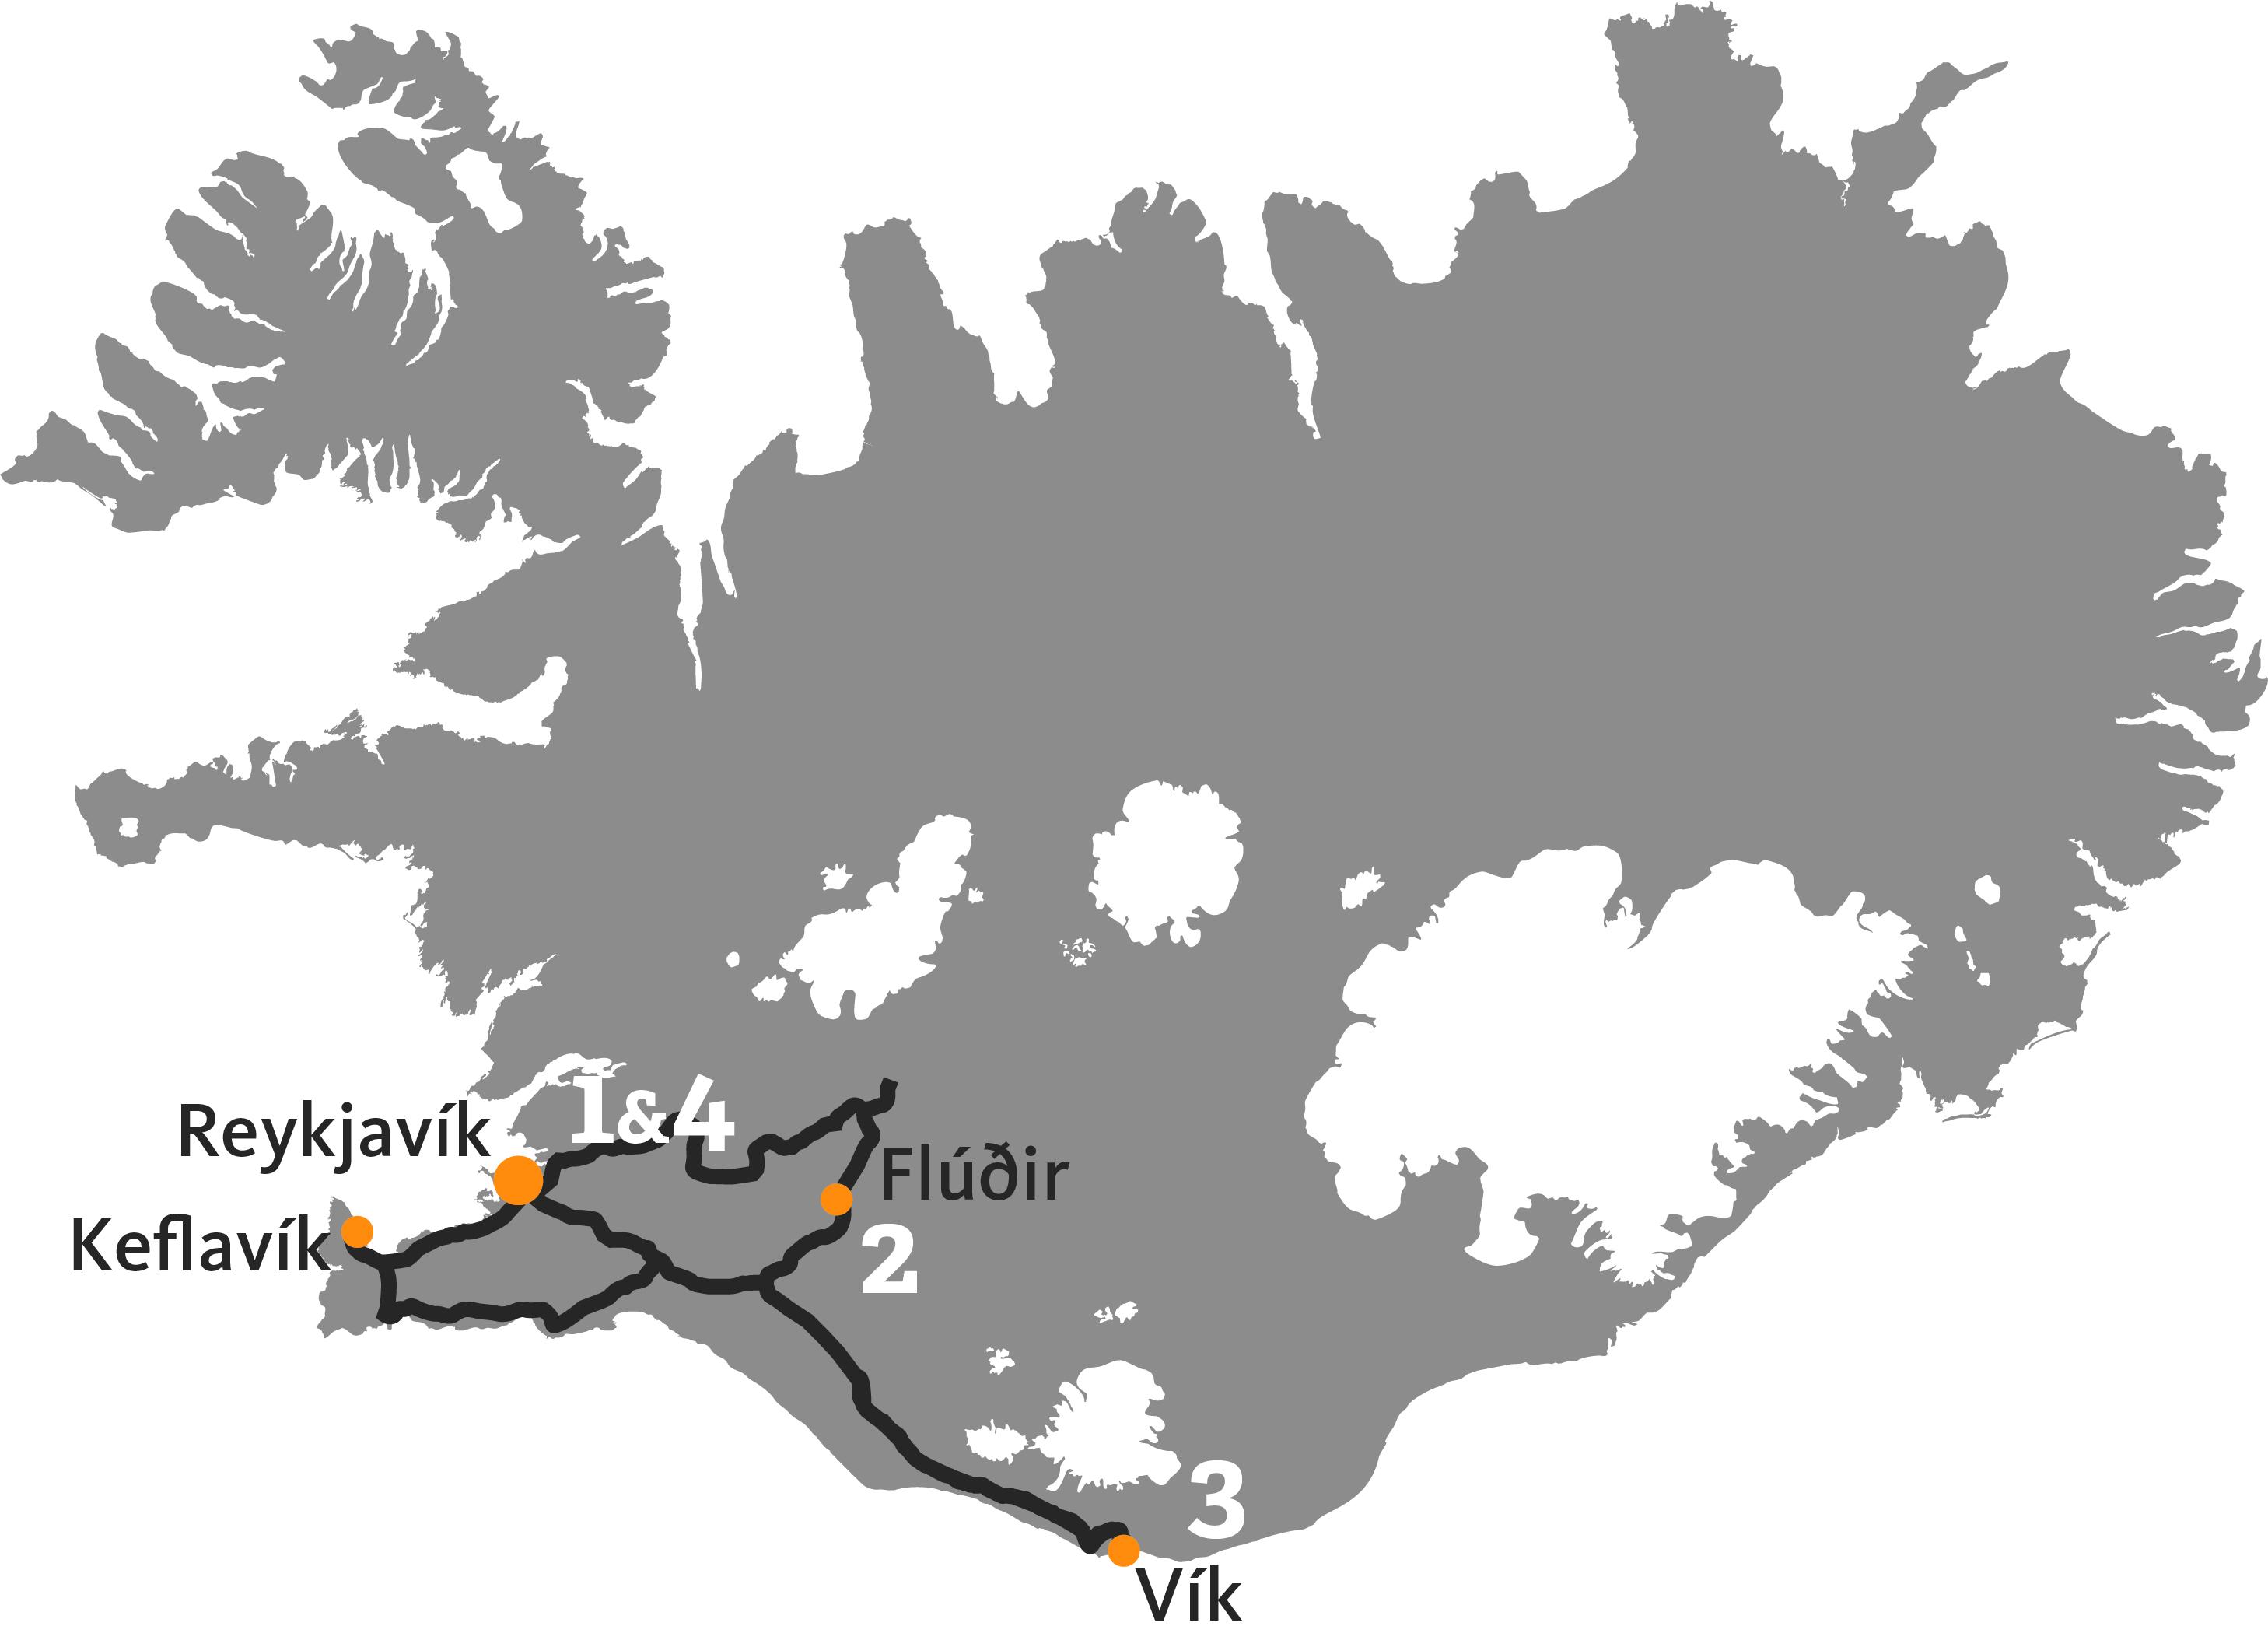 Визначні місця Ісландії (індивідуальний тур)